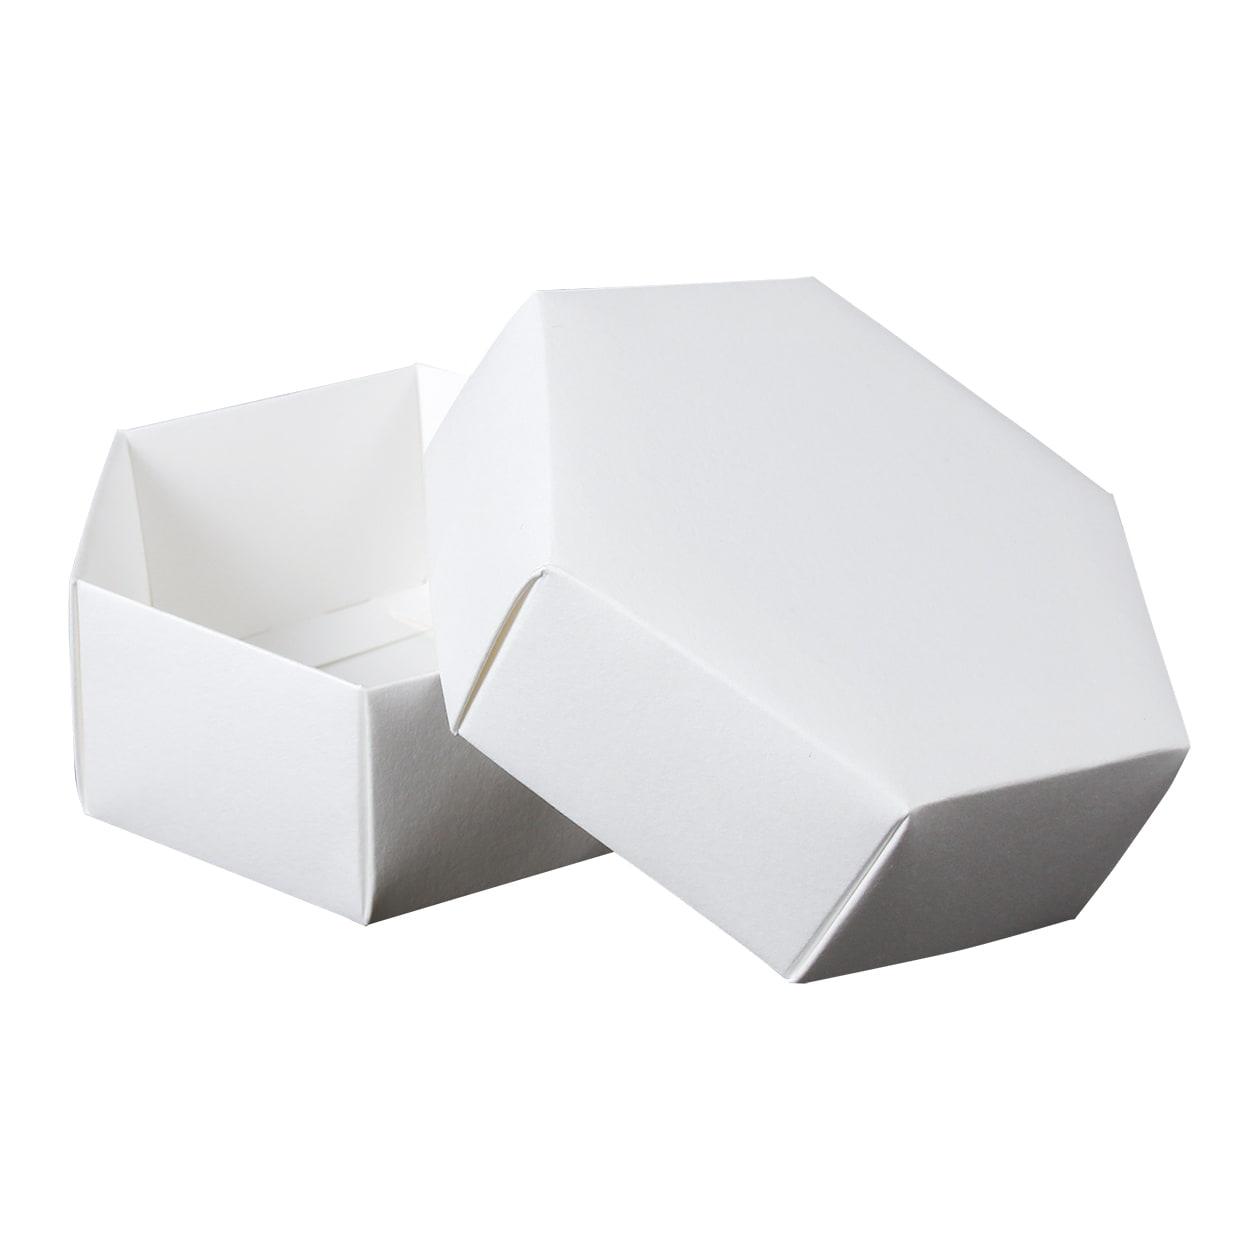 組箱 六角形97×84×38 コットン スノーホワイト 232.8g